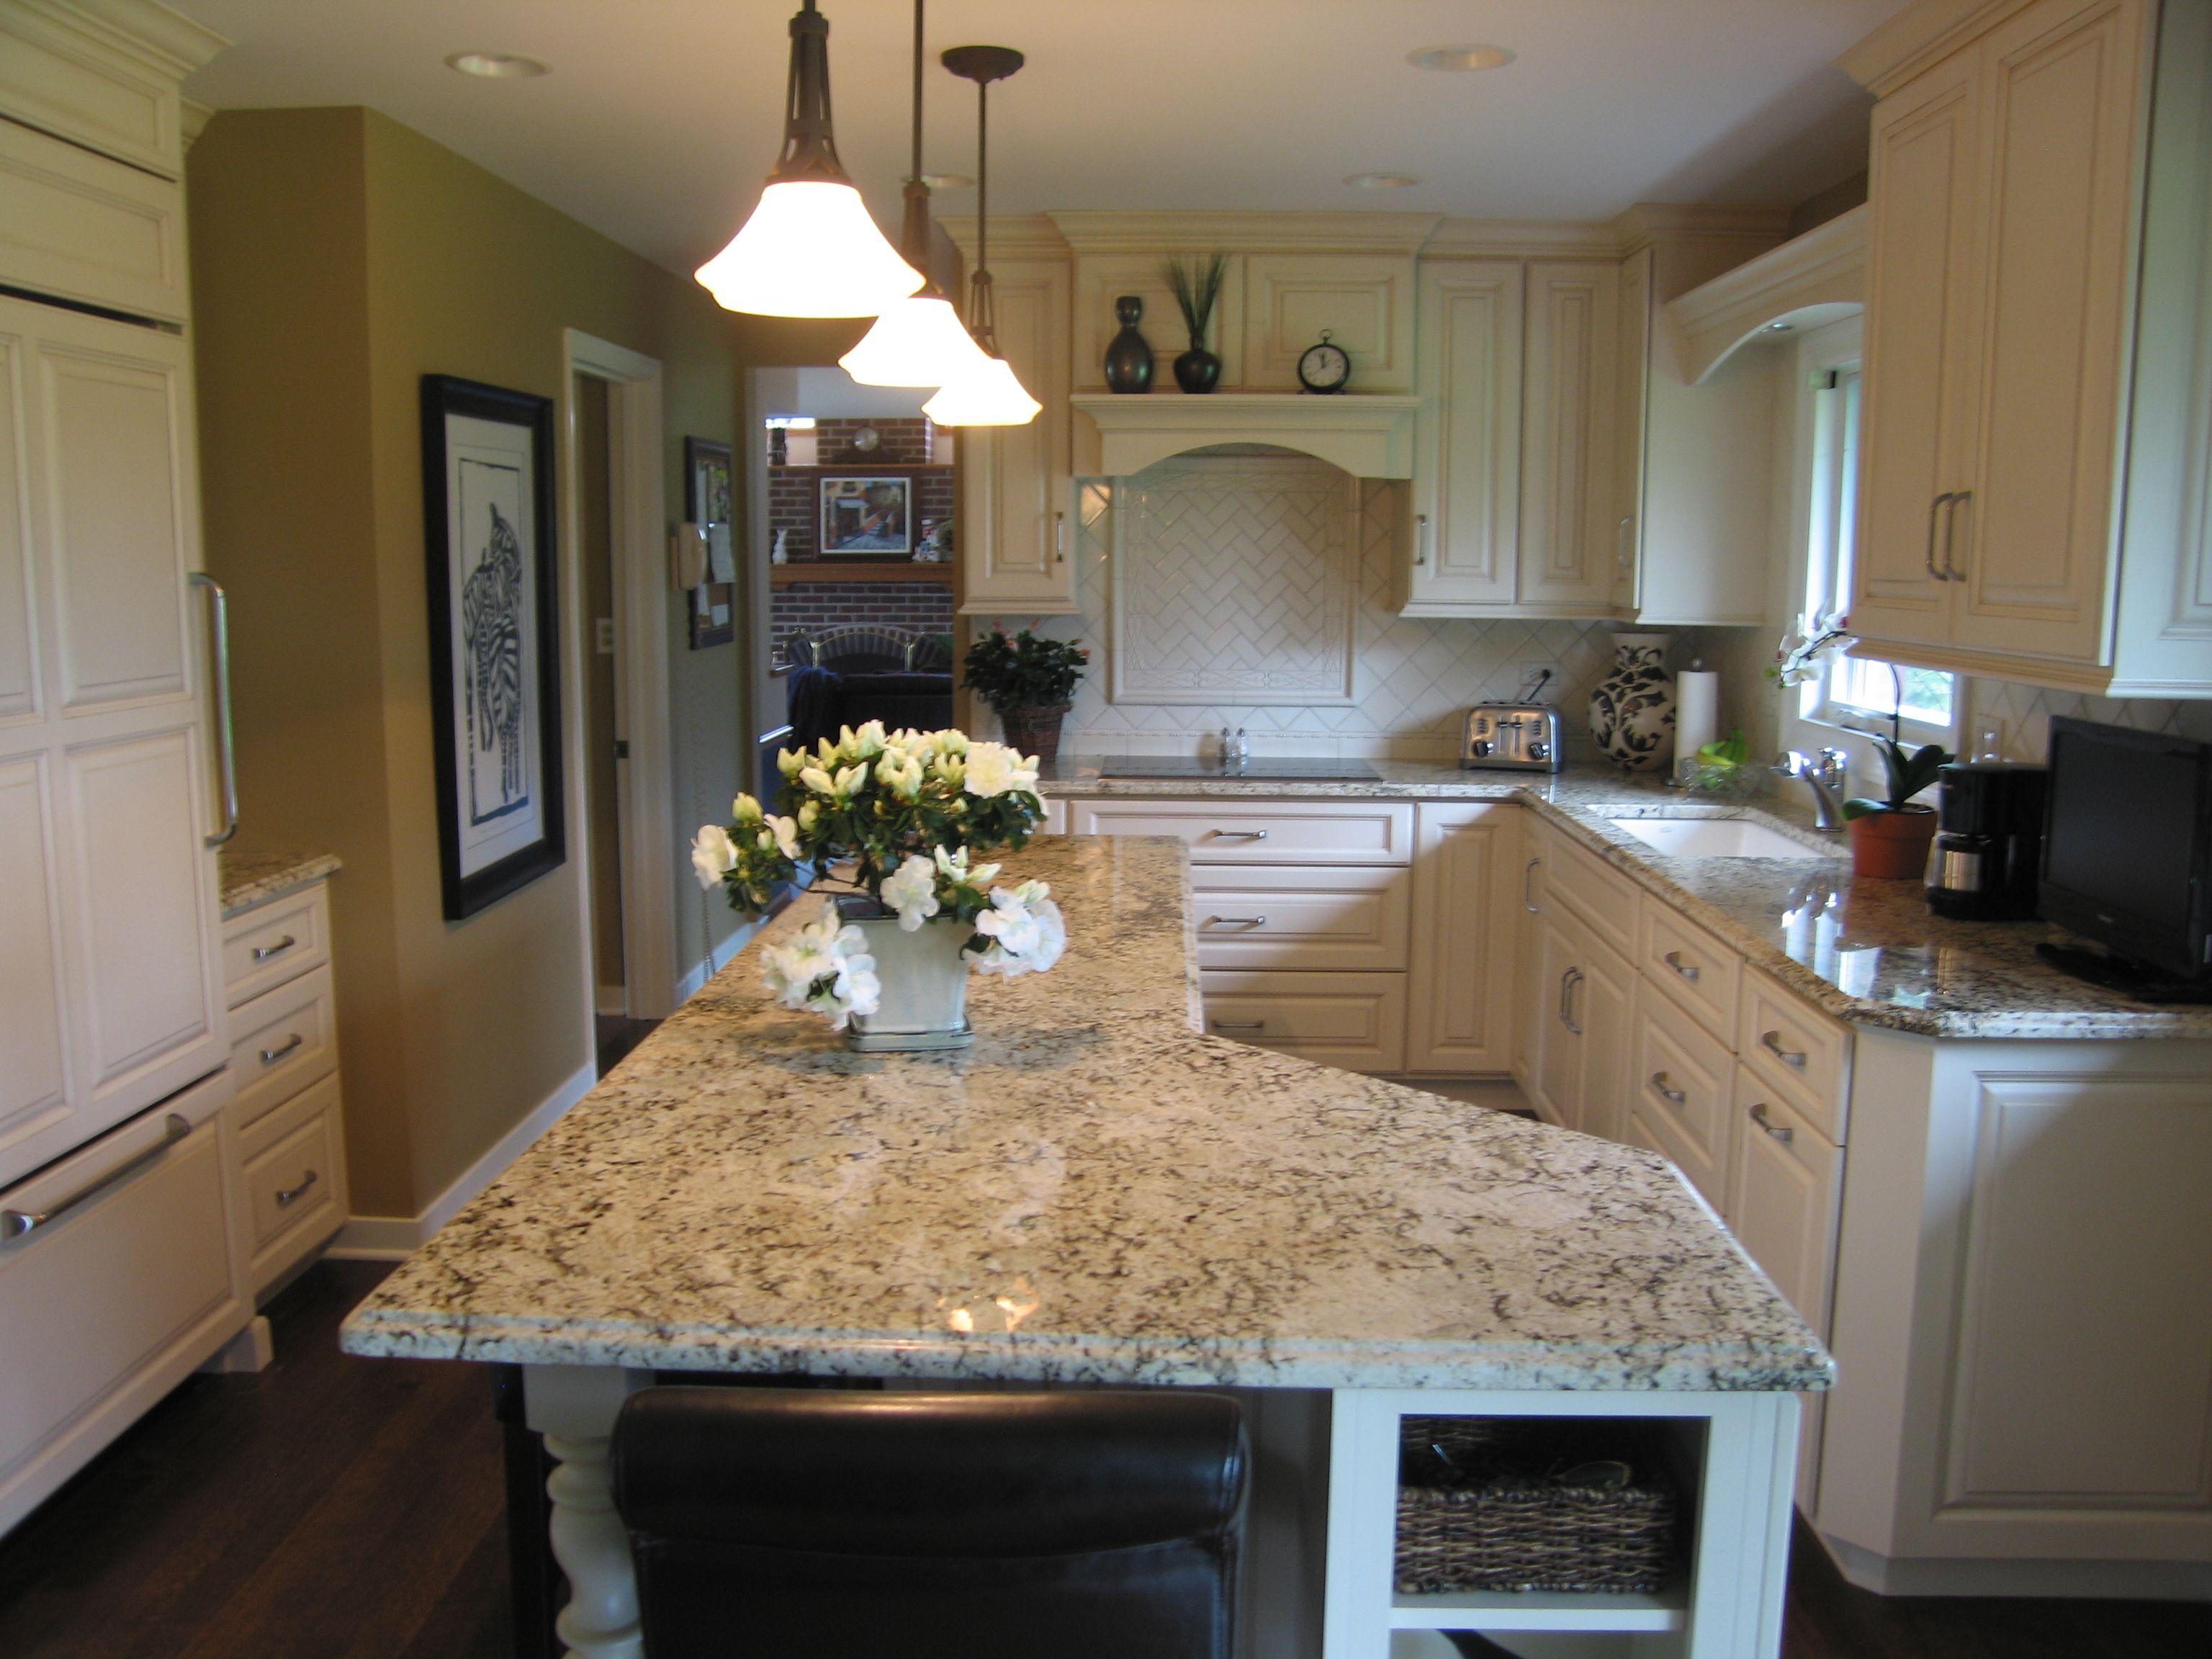 Plato Newport Cabinet In Stoneware With Brown Glaze Persian Tiger Granite Cocinas